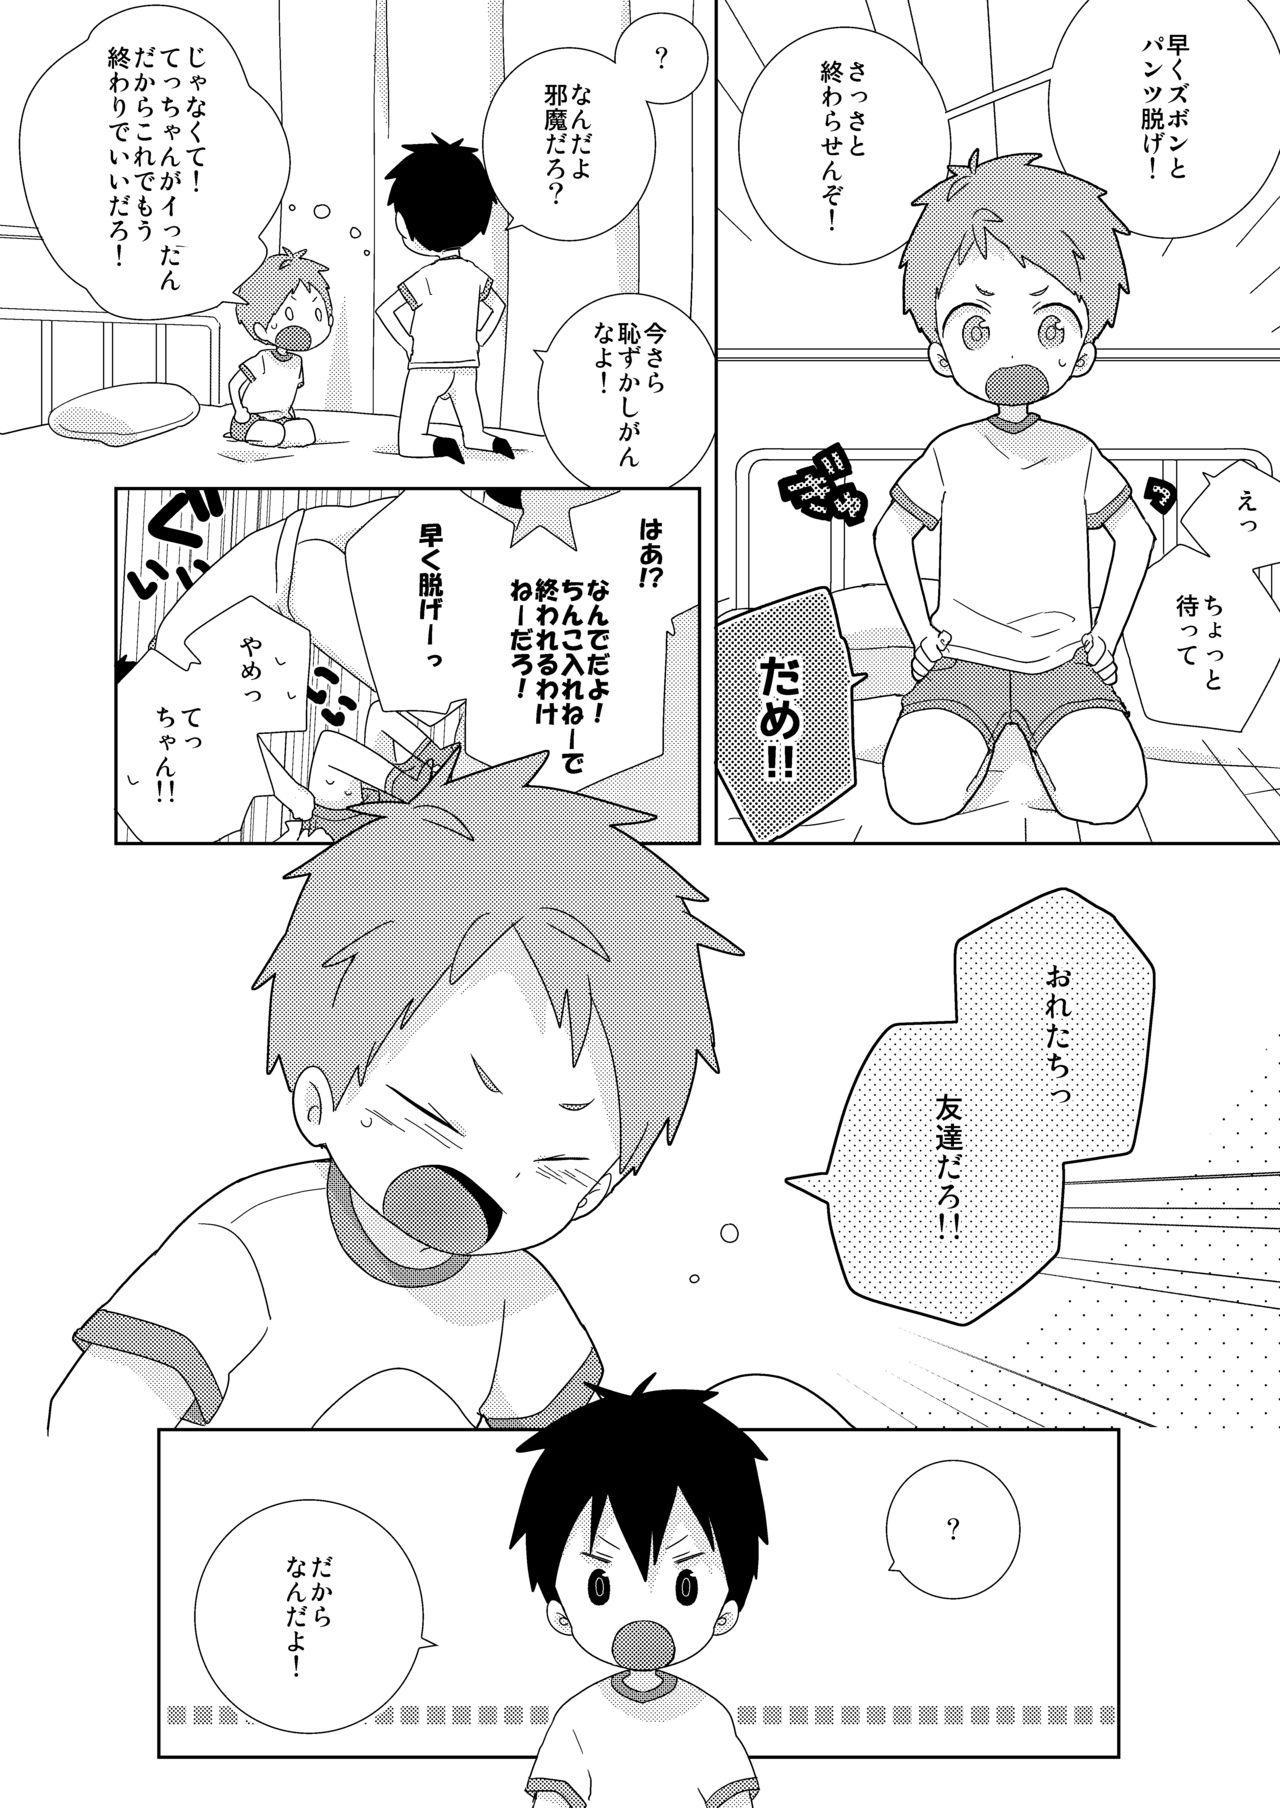 Tomodachi to wa Konna Koto Shinai! 11